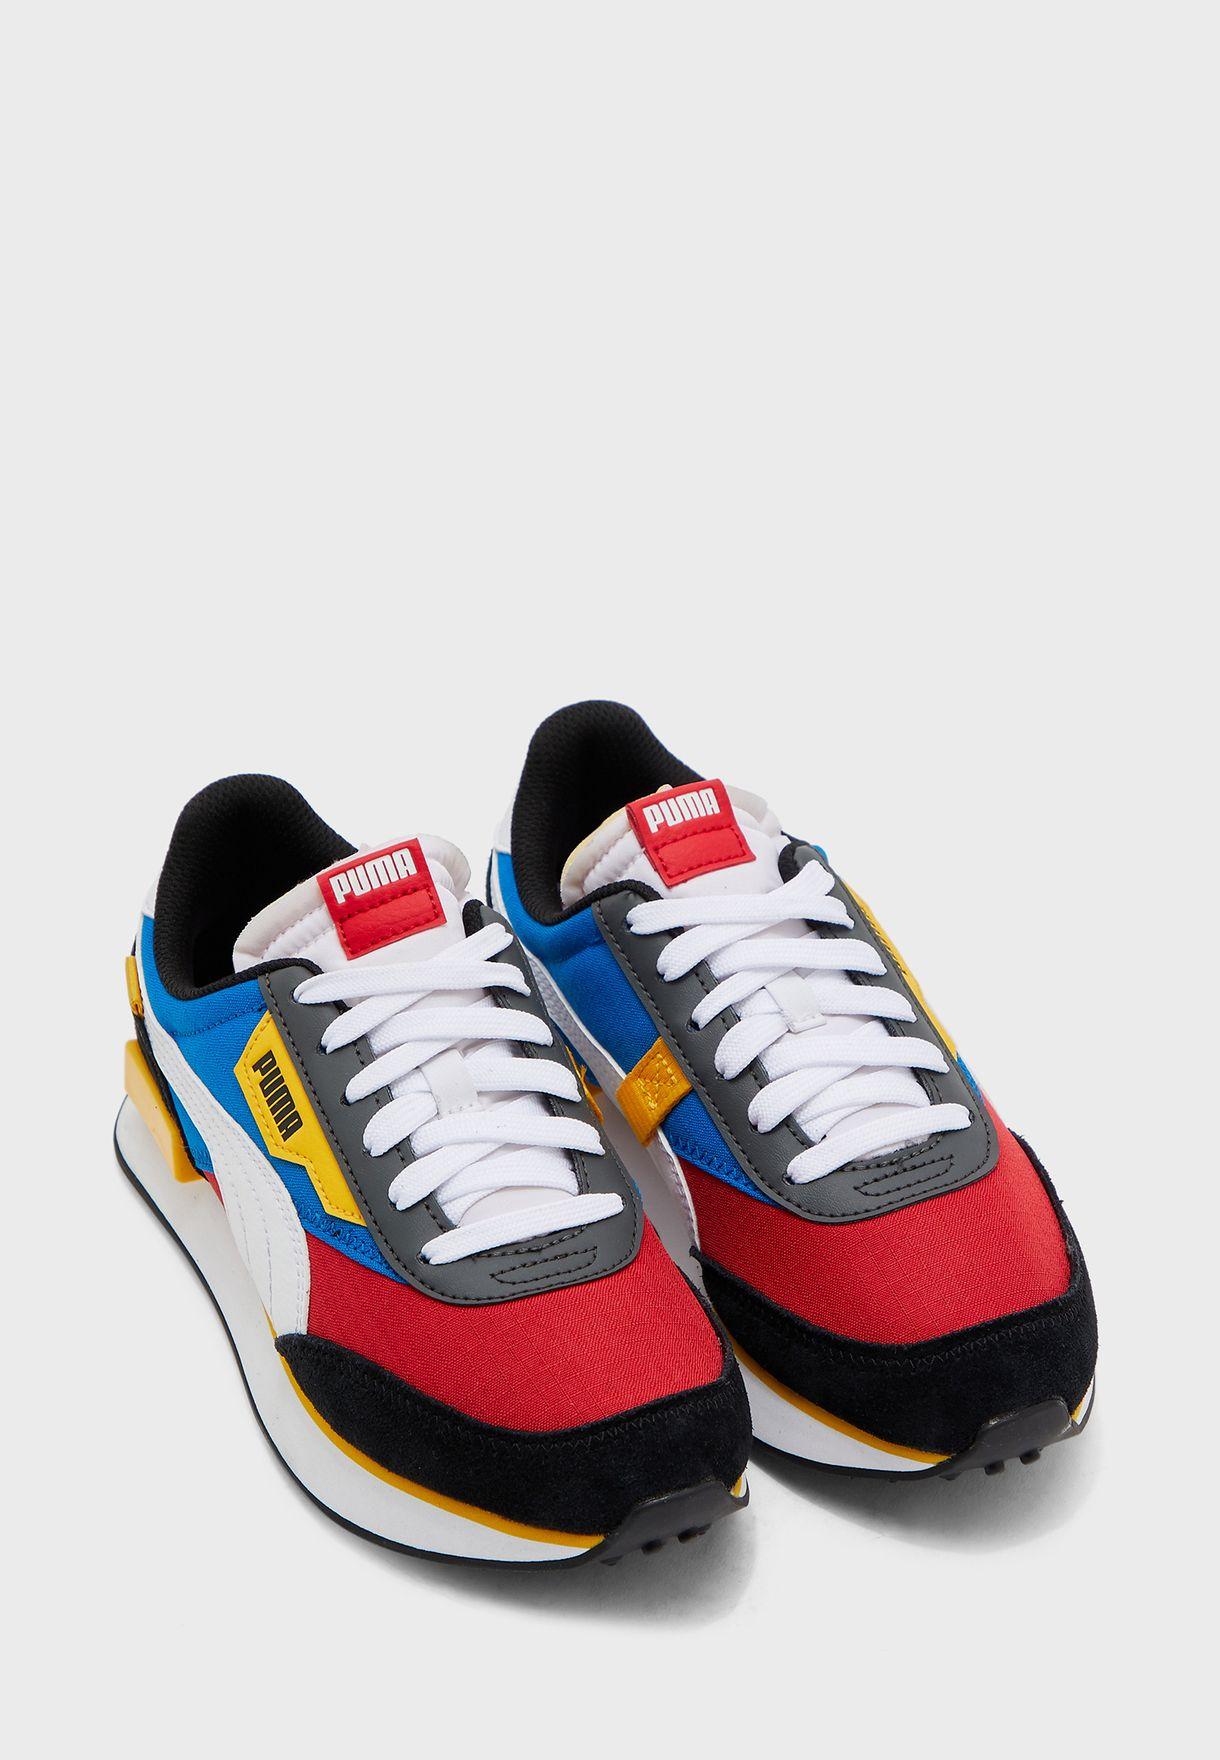 حذاء من مجموعة بوما رايدر